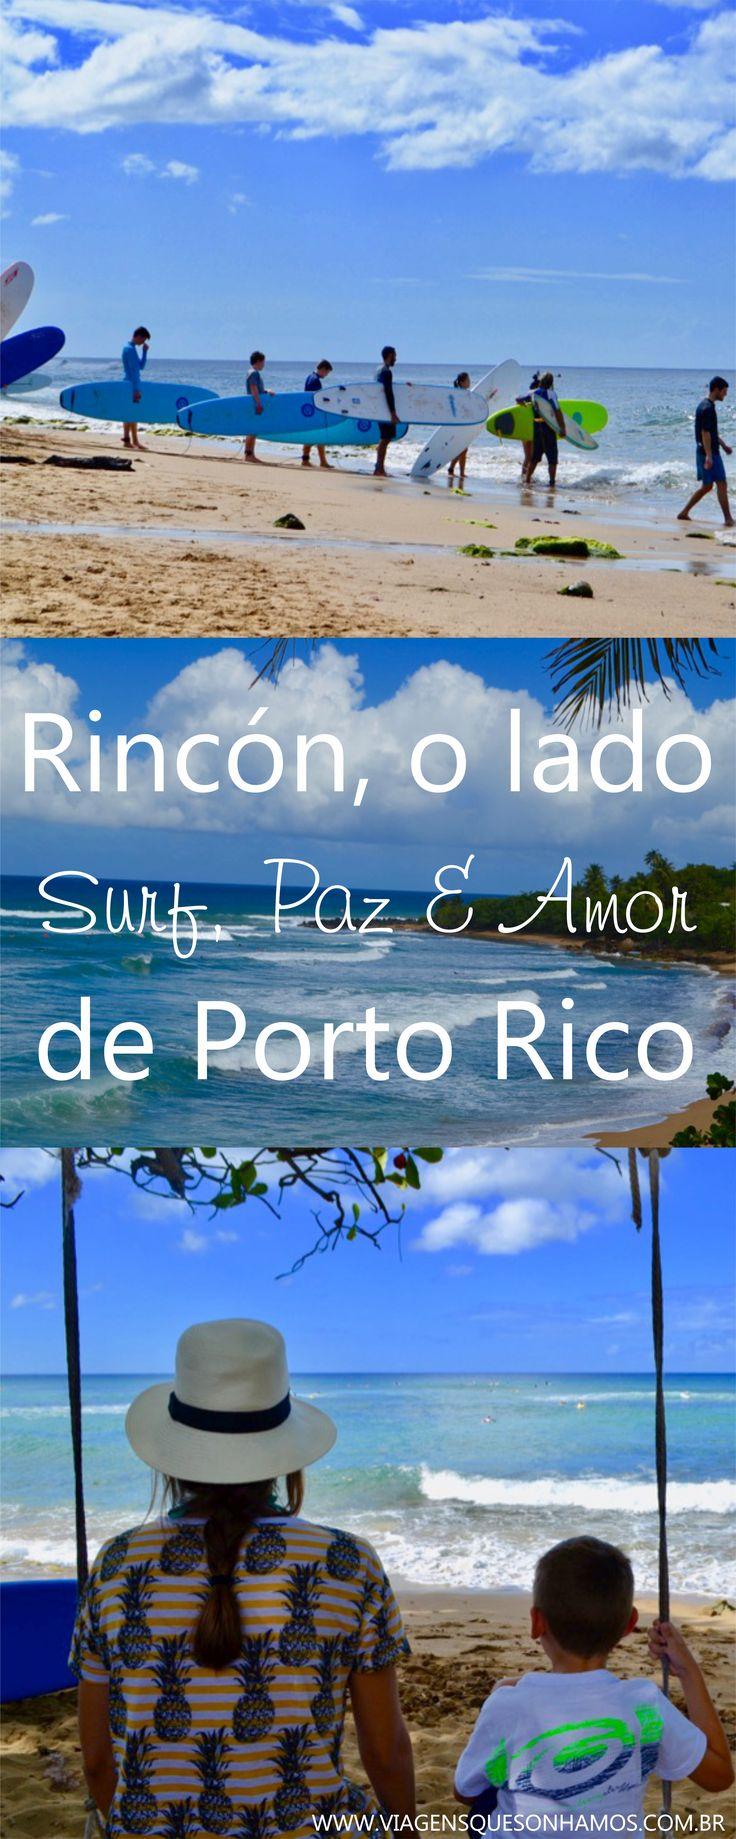 Surf em Porto Rico. Dicas de. passeios e roteiro em Porto Rico.